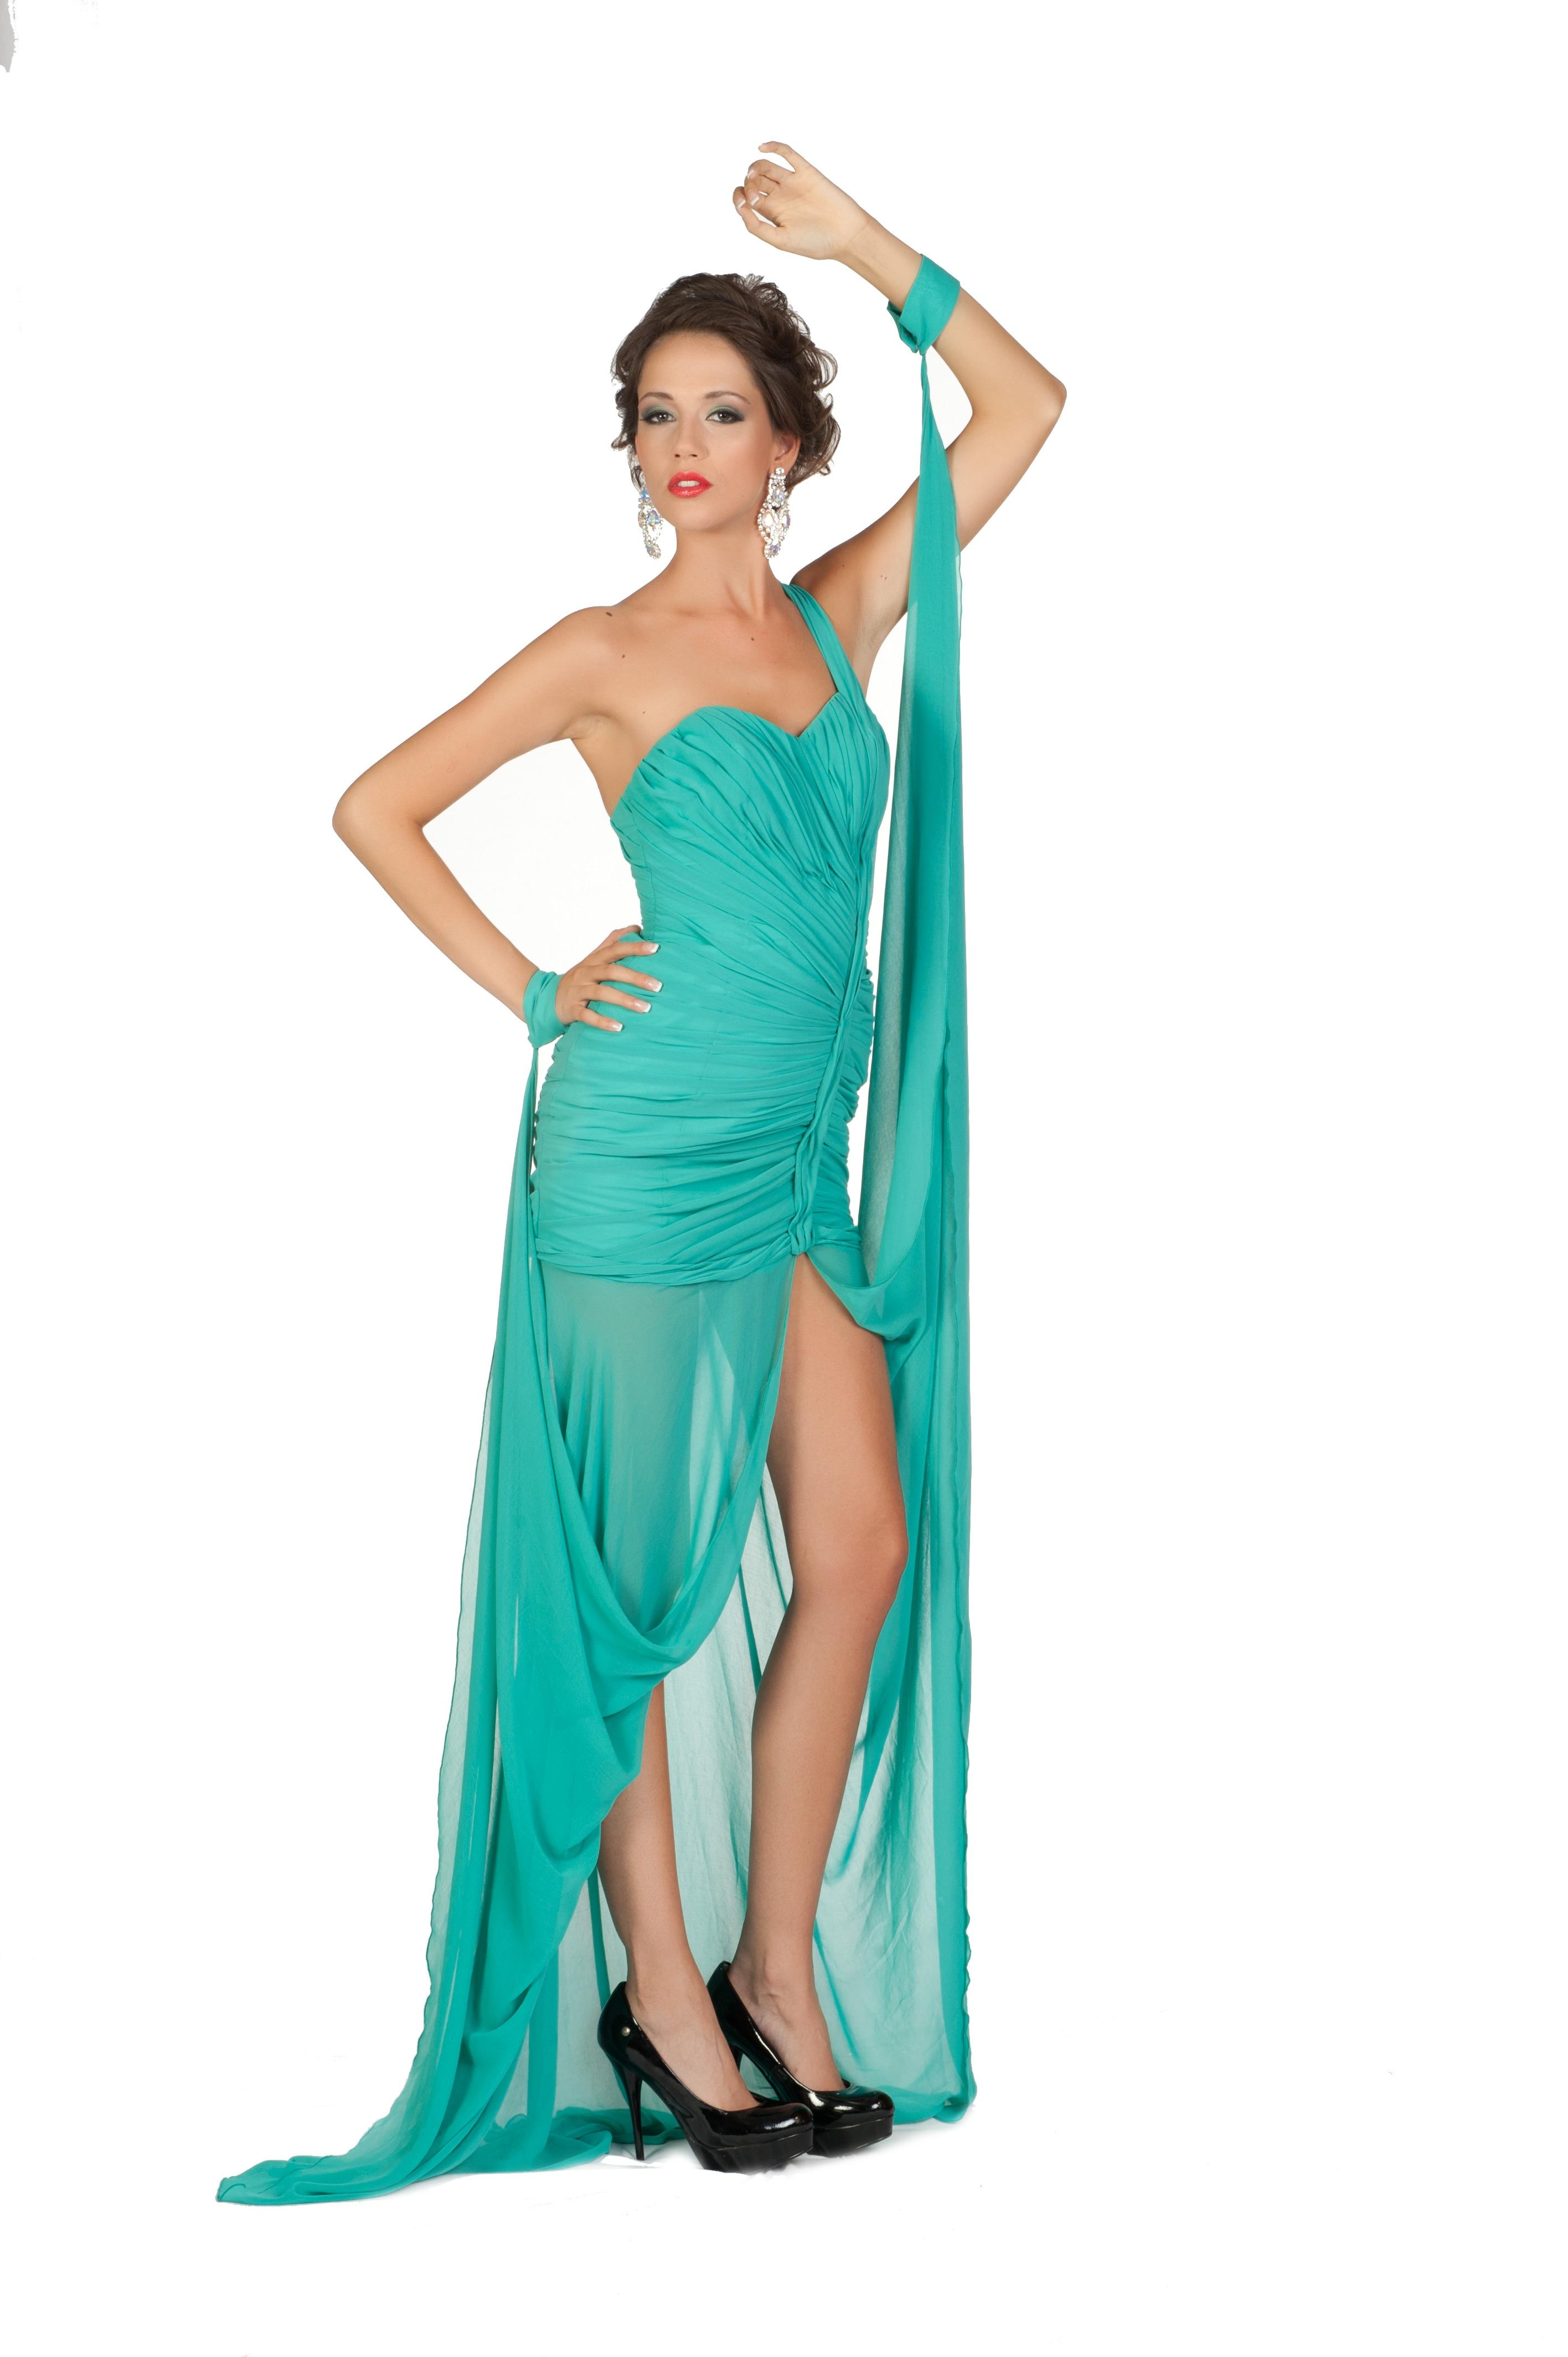 Эротика с моделями в шикарных вечерних платьях 3 фотография